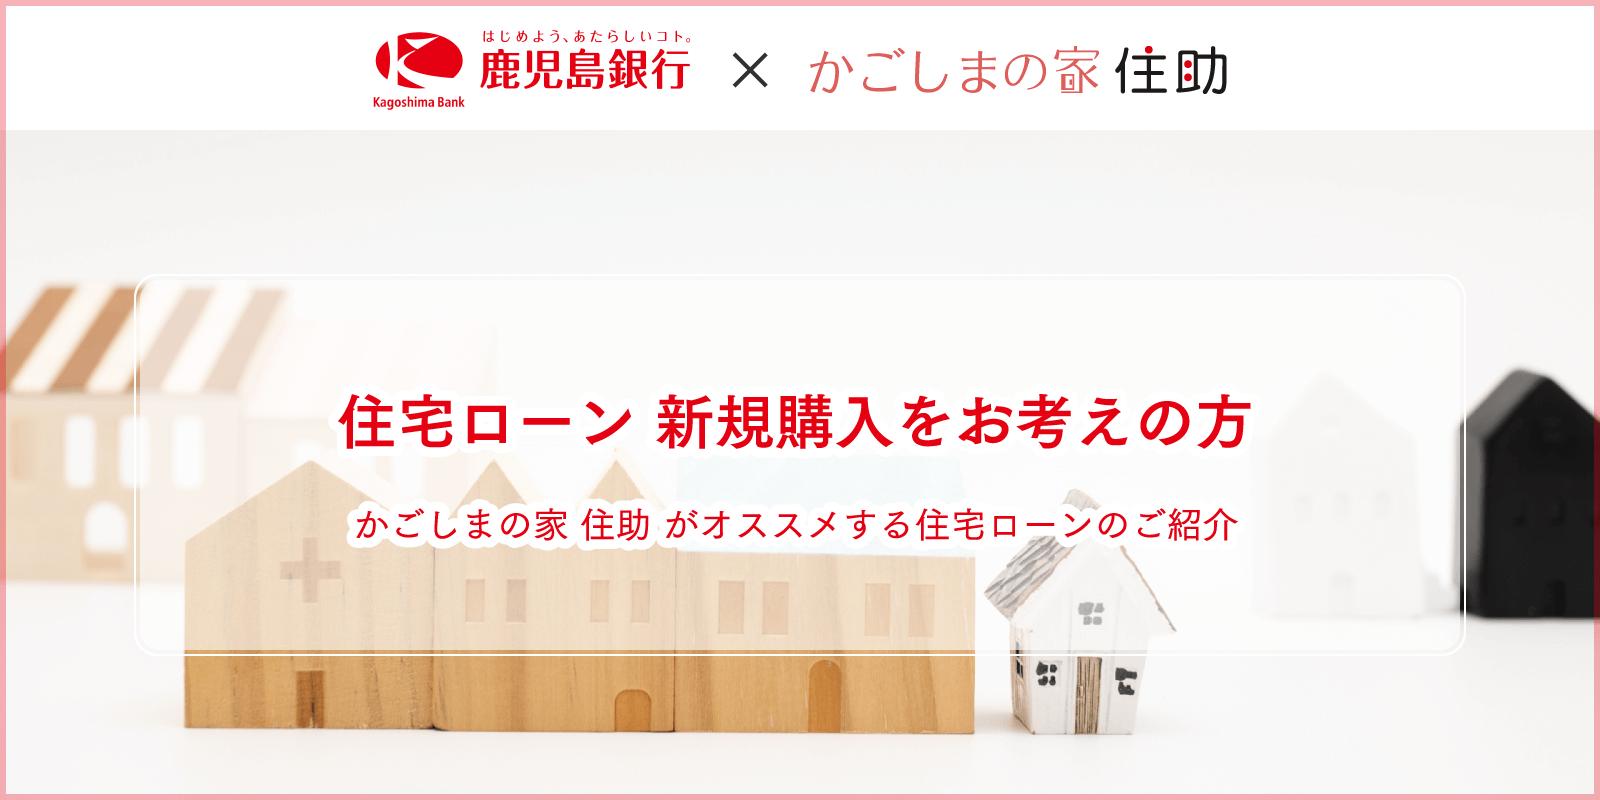 住宅ローン 新規購入をお考えの方